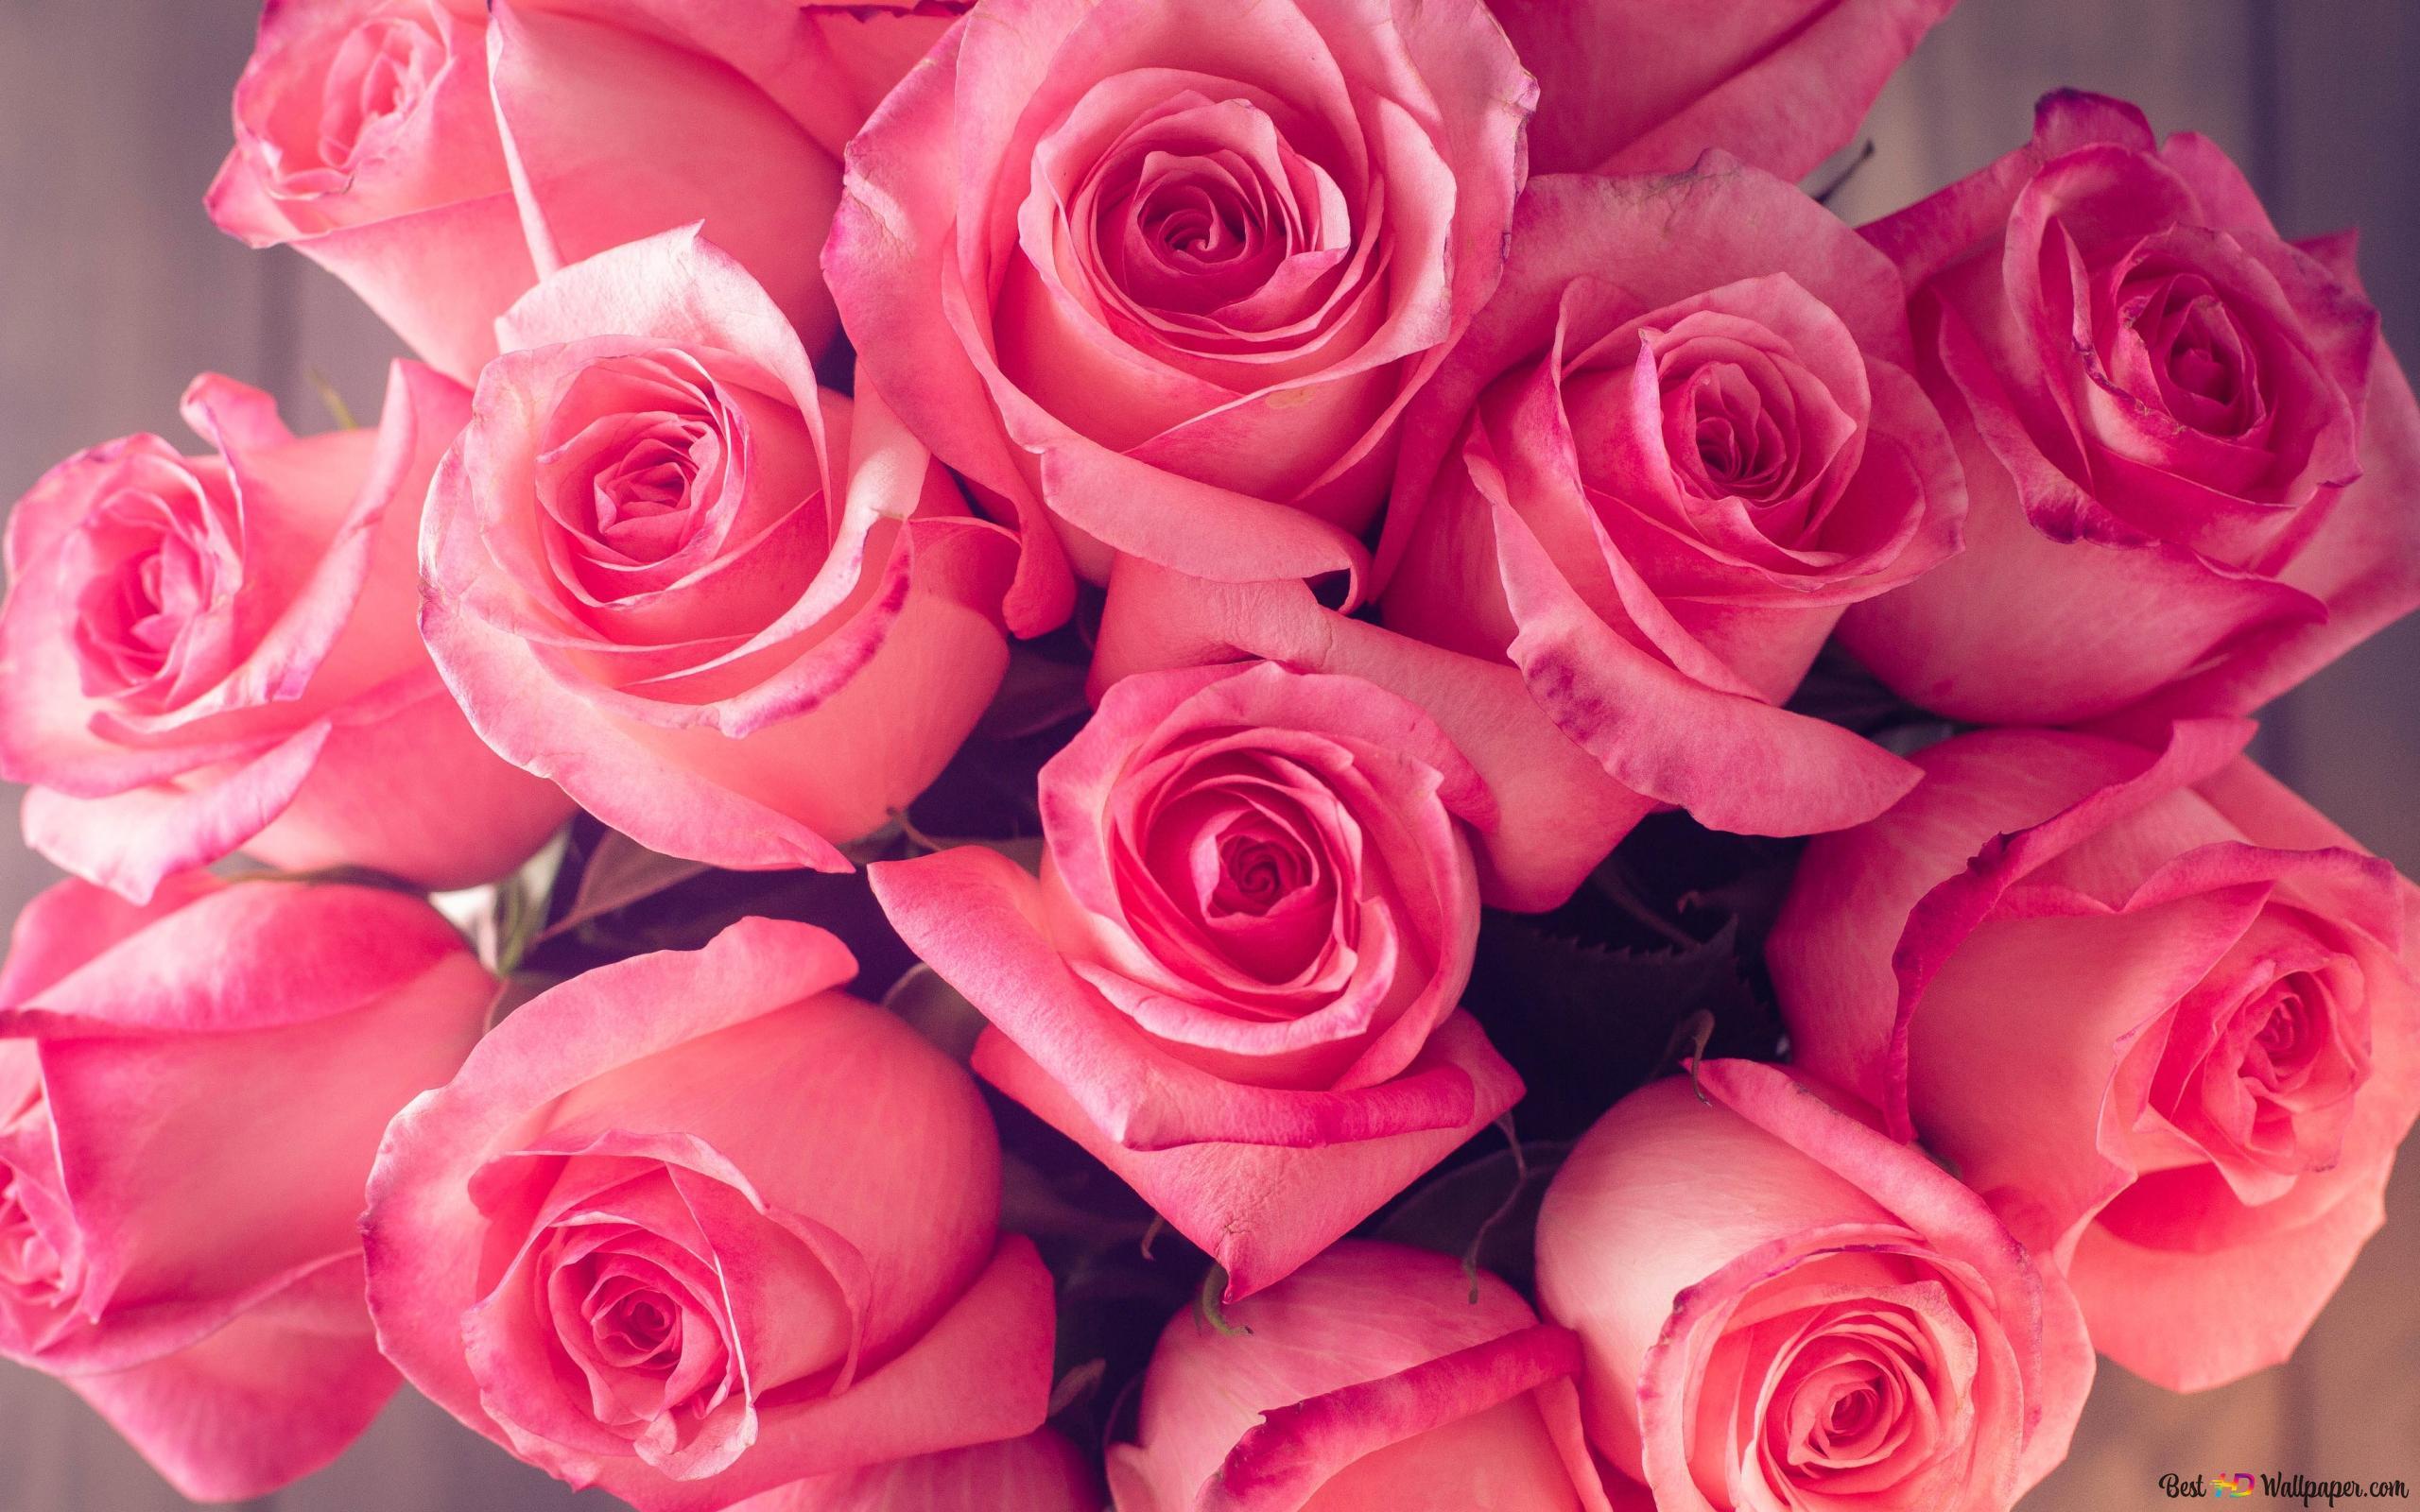 バレンタインの日 ピンクのバラの花束 Hd壁紙のダウンロード